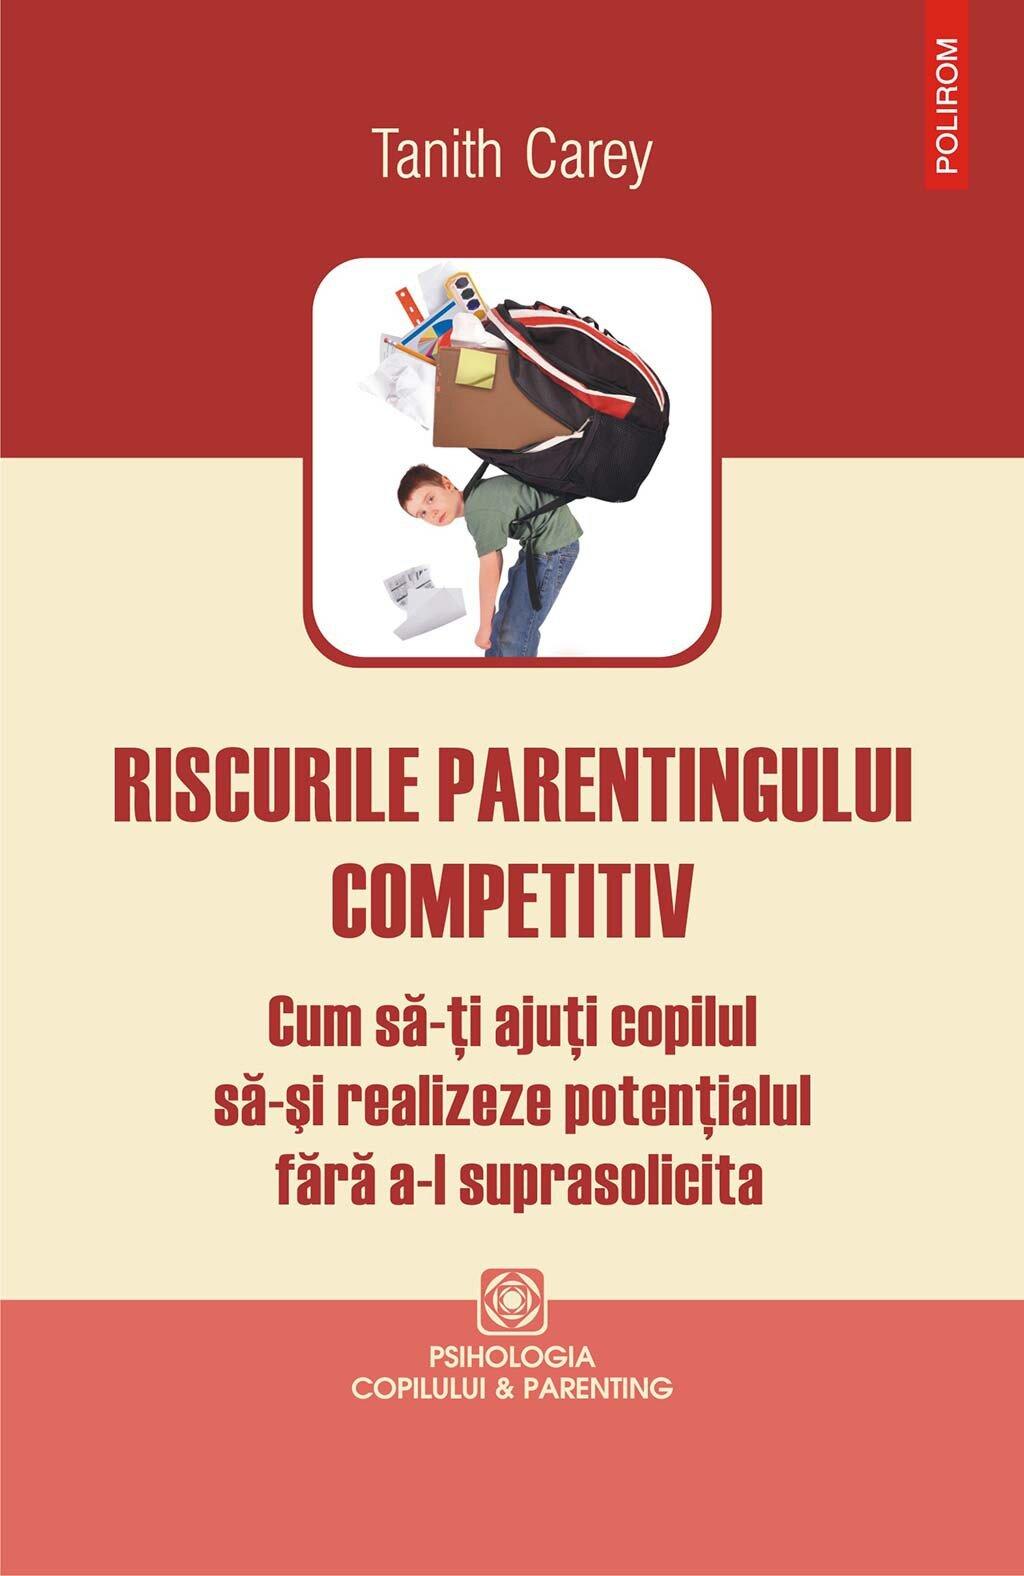 Riscurile parentingului competitiv. Cum sa-ti ajuti copilul sa-si realizeze potentialul fara a-l suprasolicita PDF (Download eBook)